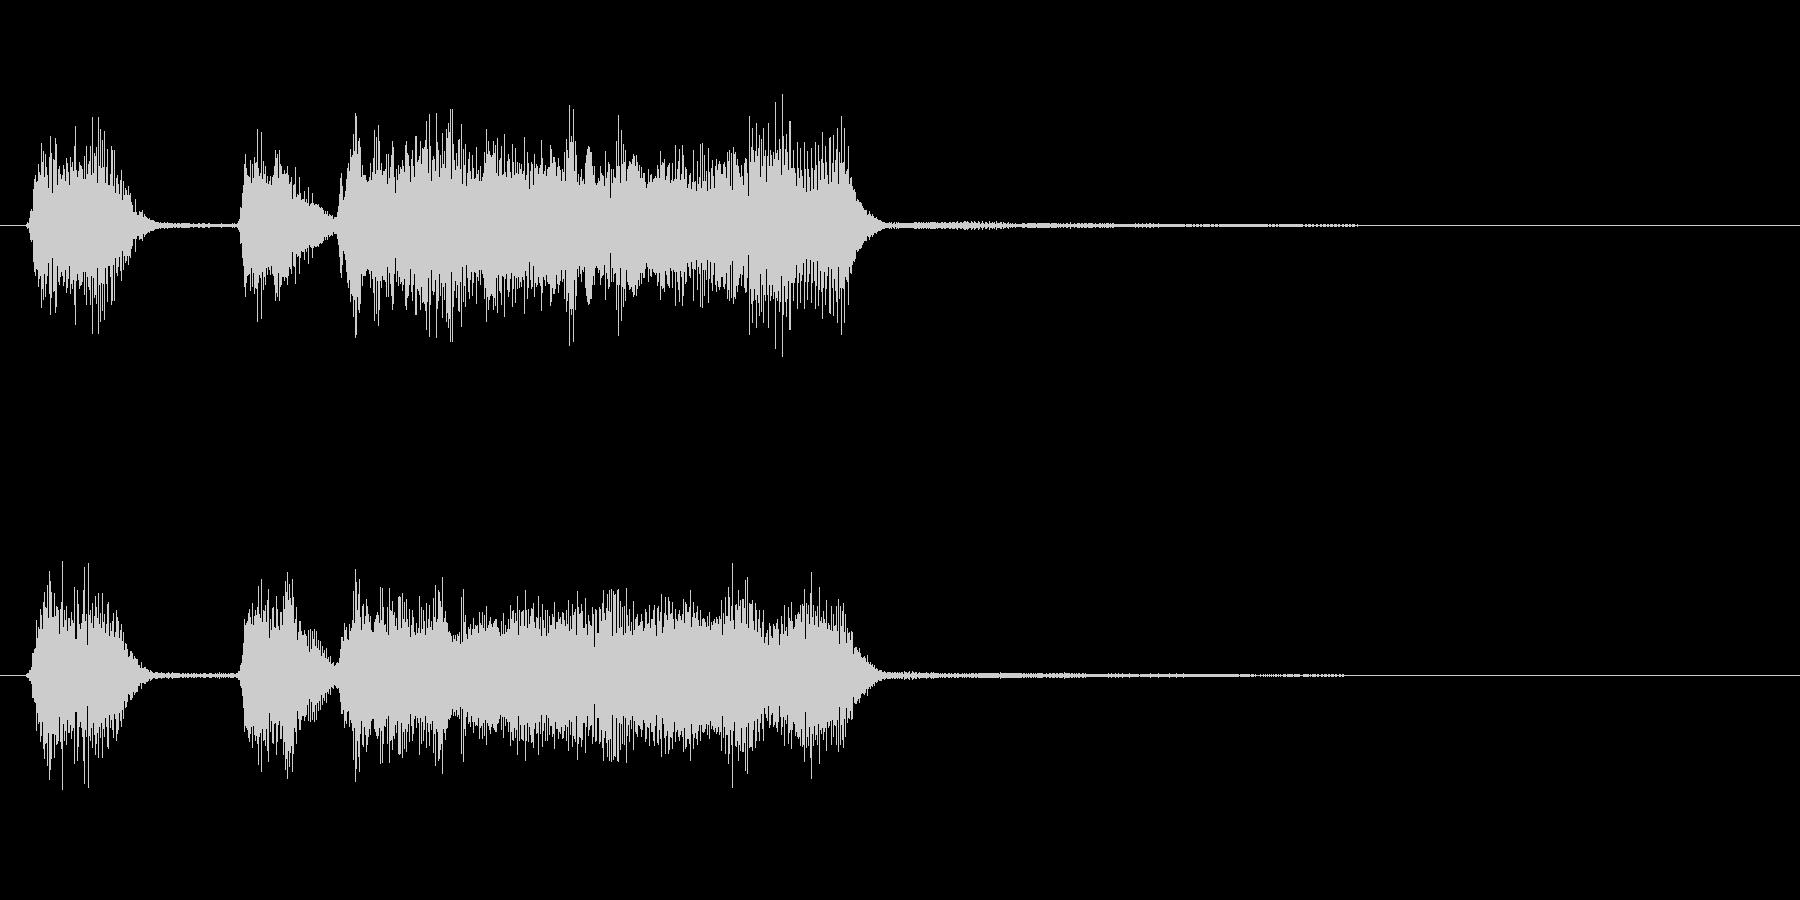 玩具系ファンファーレ-09の未再生の波形